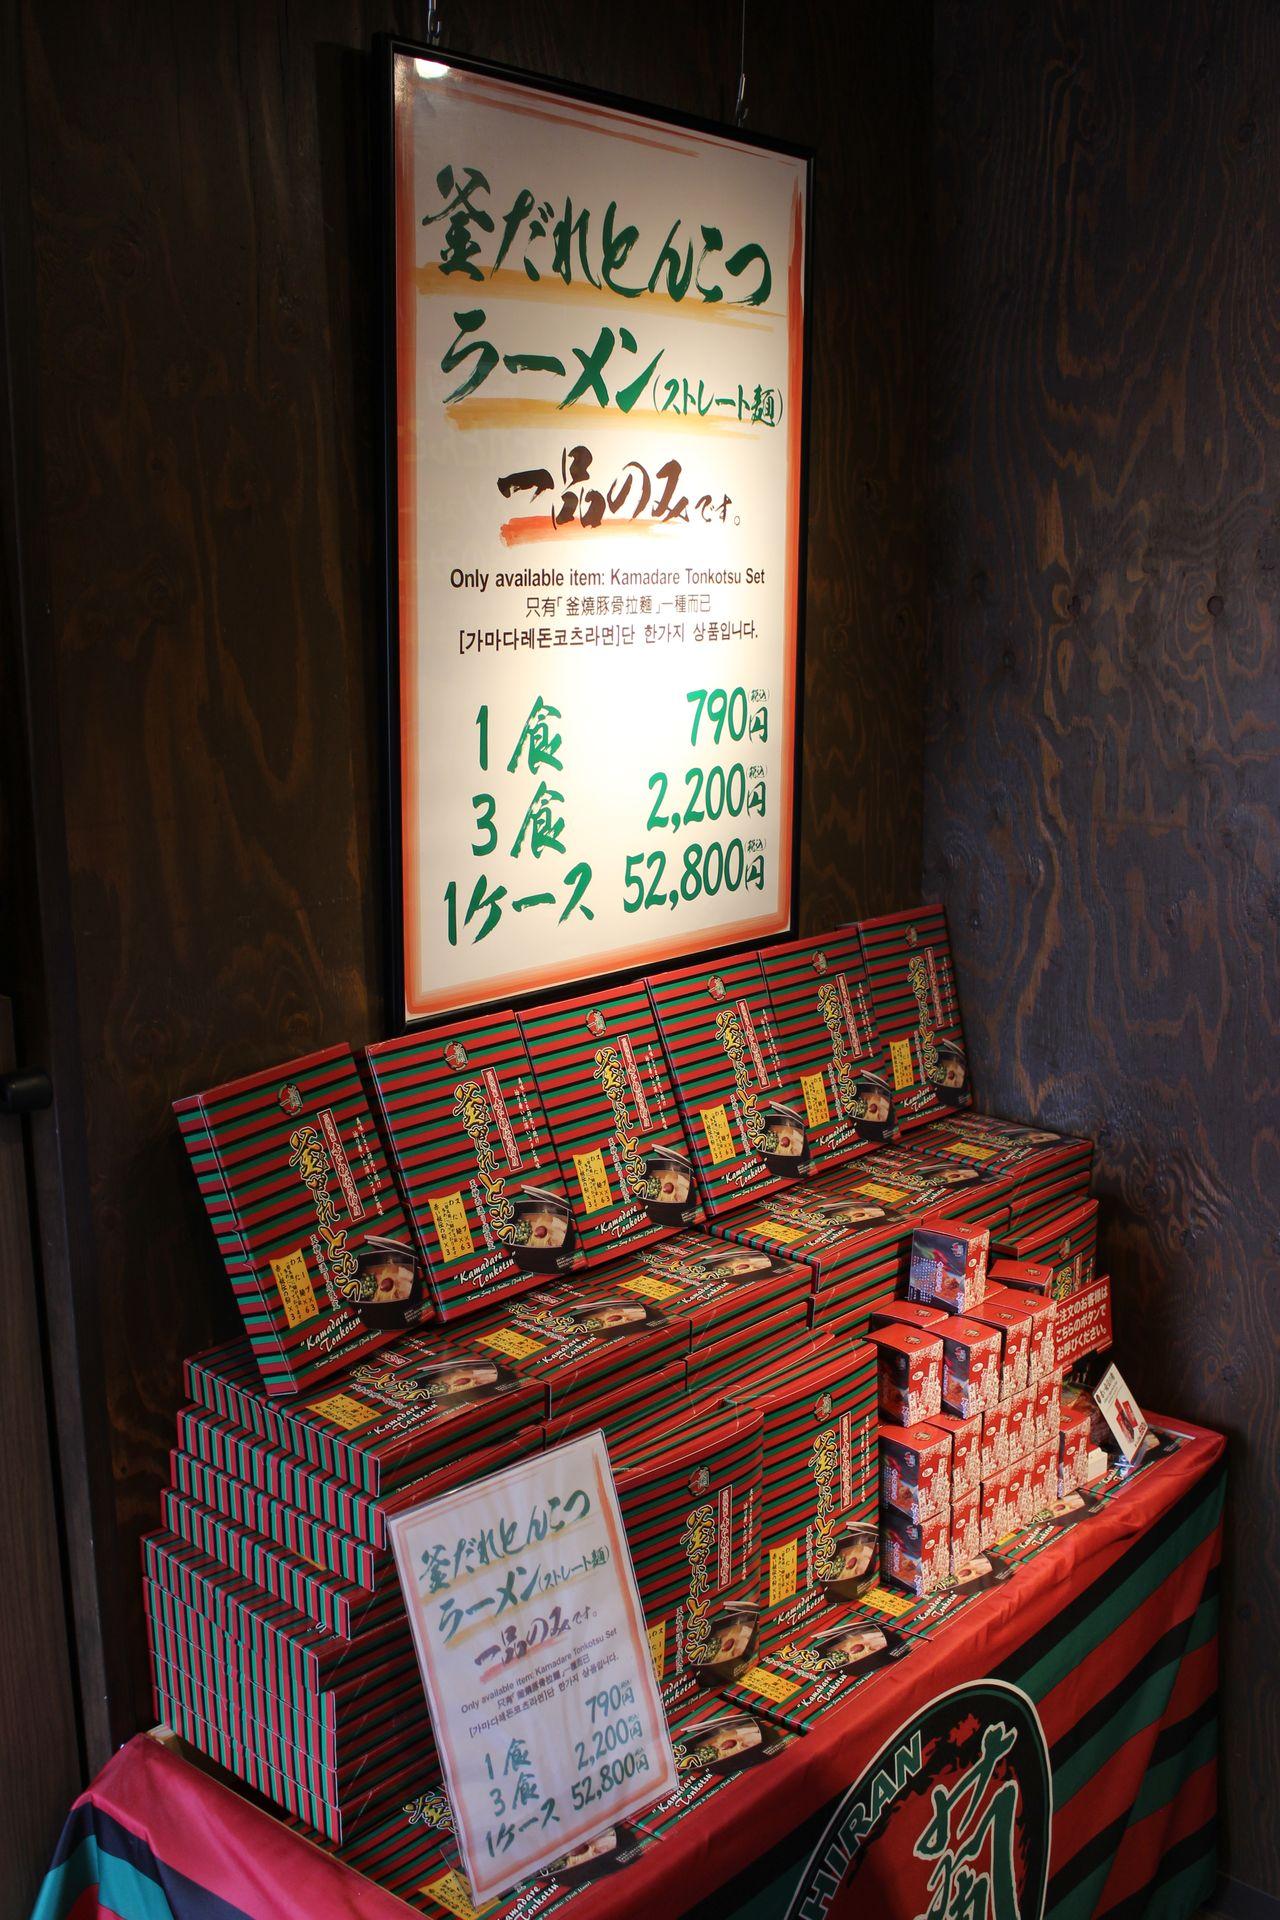 一蘭 神戸玉津店-8